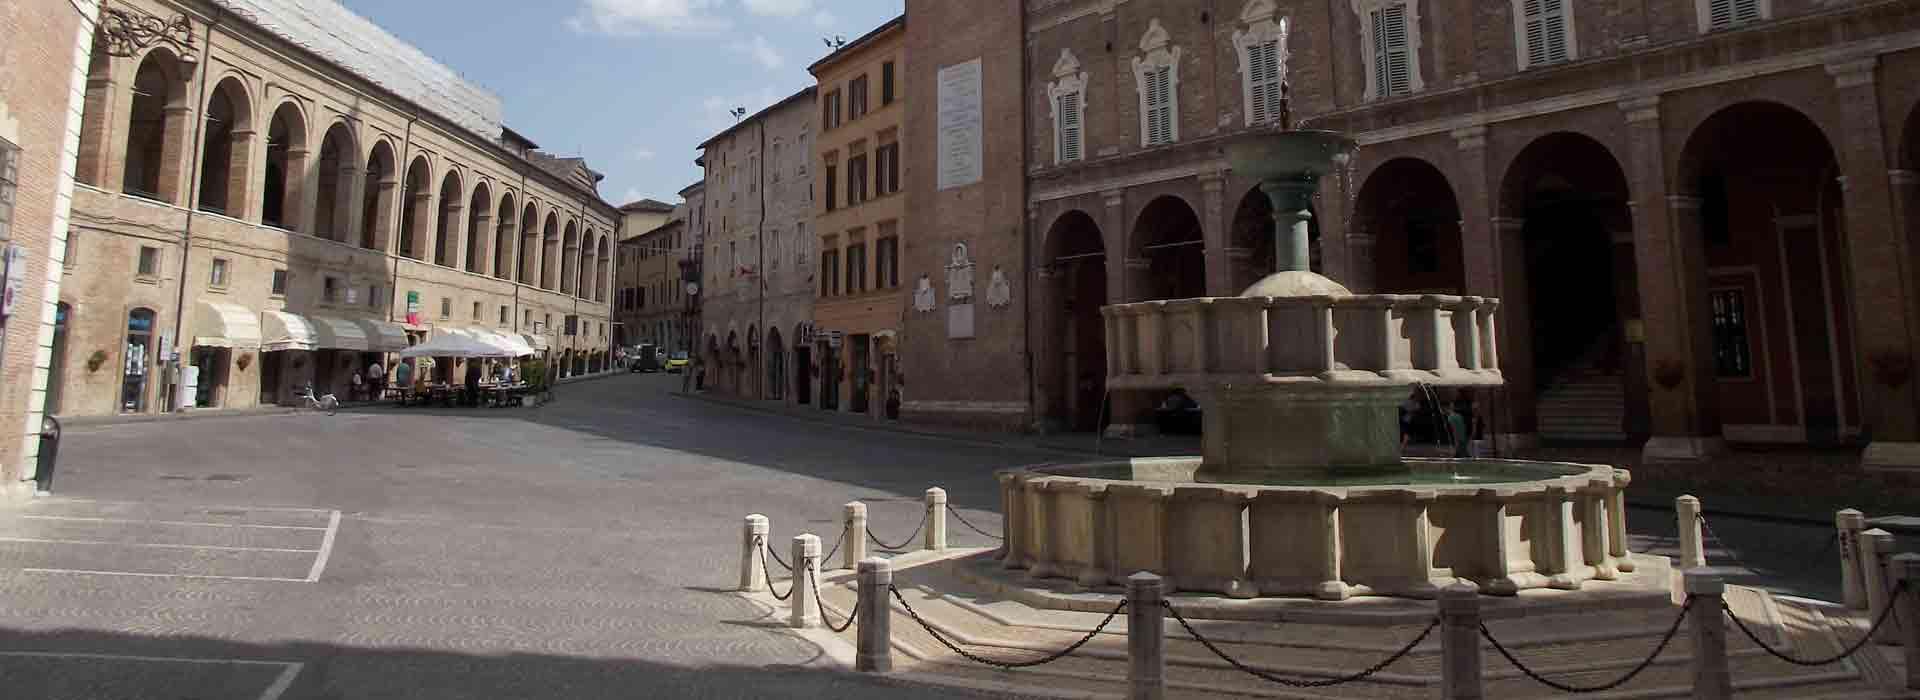 Fabriano_RemaKe-festival-Filippetti